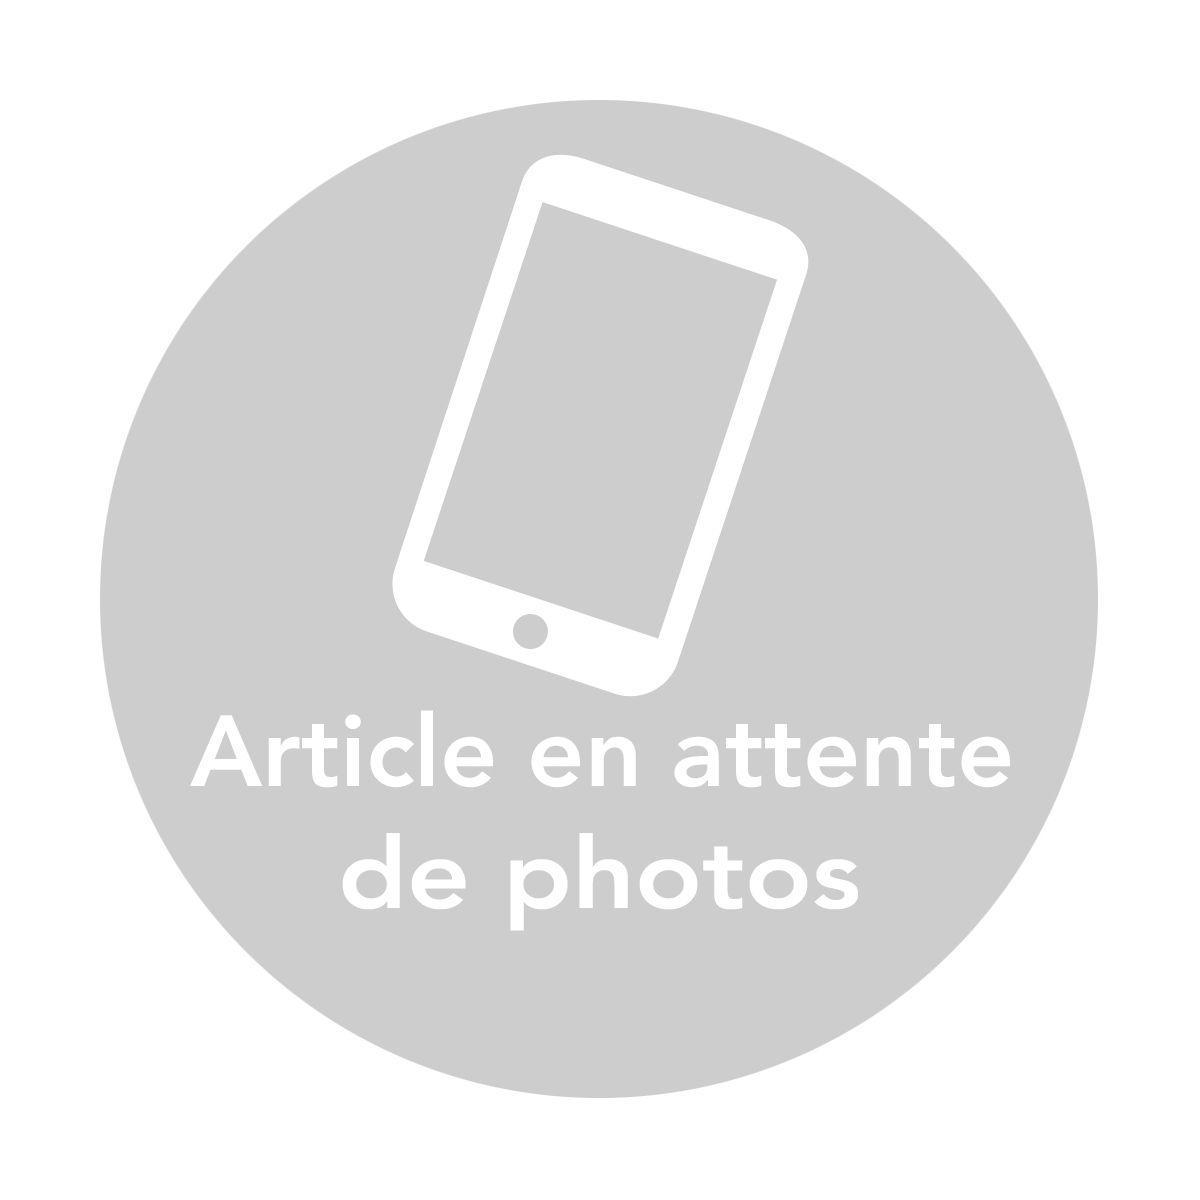 Bumper case scenario 3 en 1 gris sidéral iphone 5s/se - 5% de remise immédiate avec le code : anniv5 (photo)